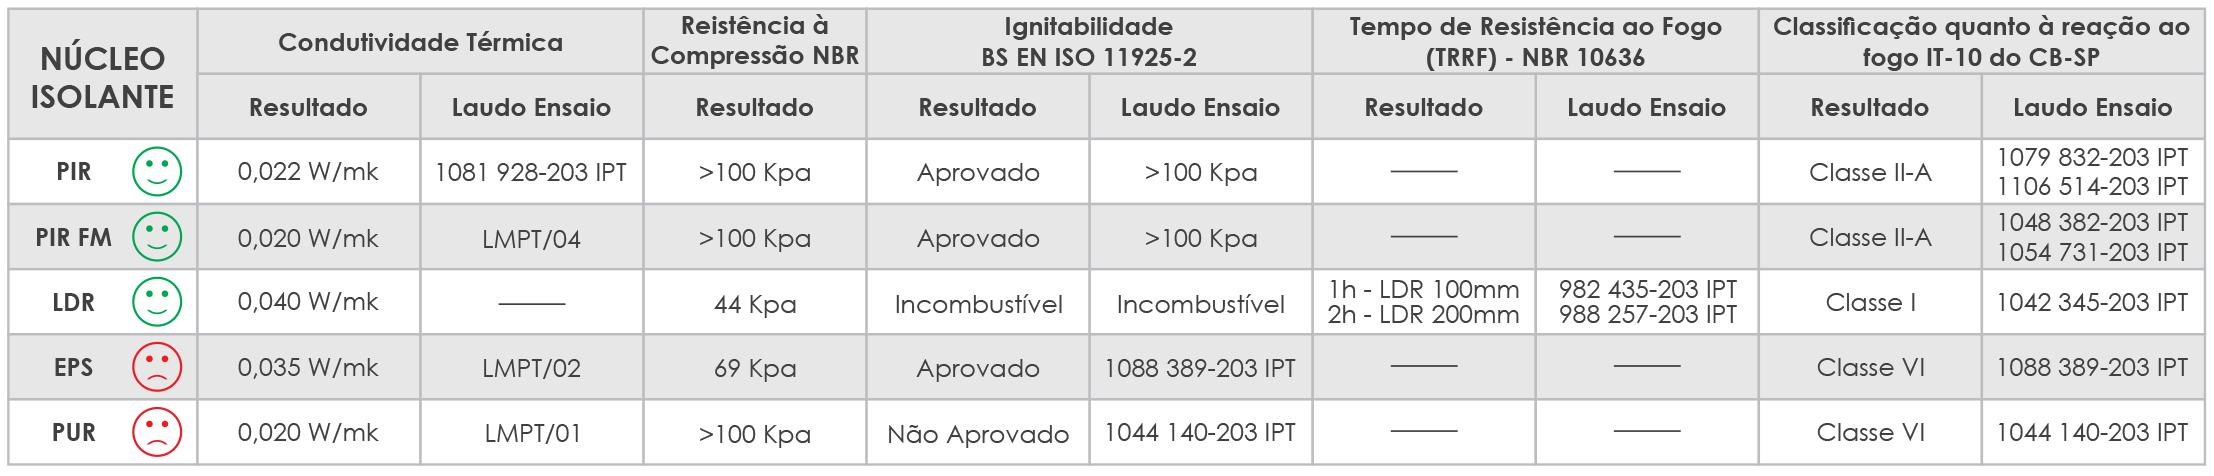 desempenho-nucleos-1.png